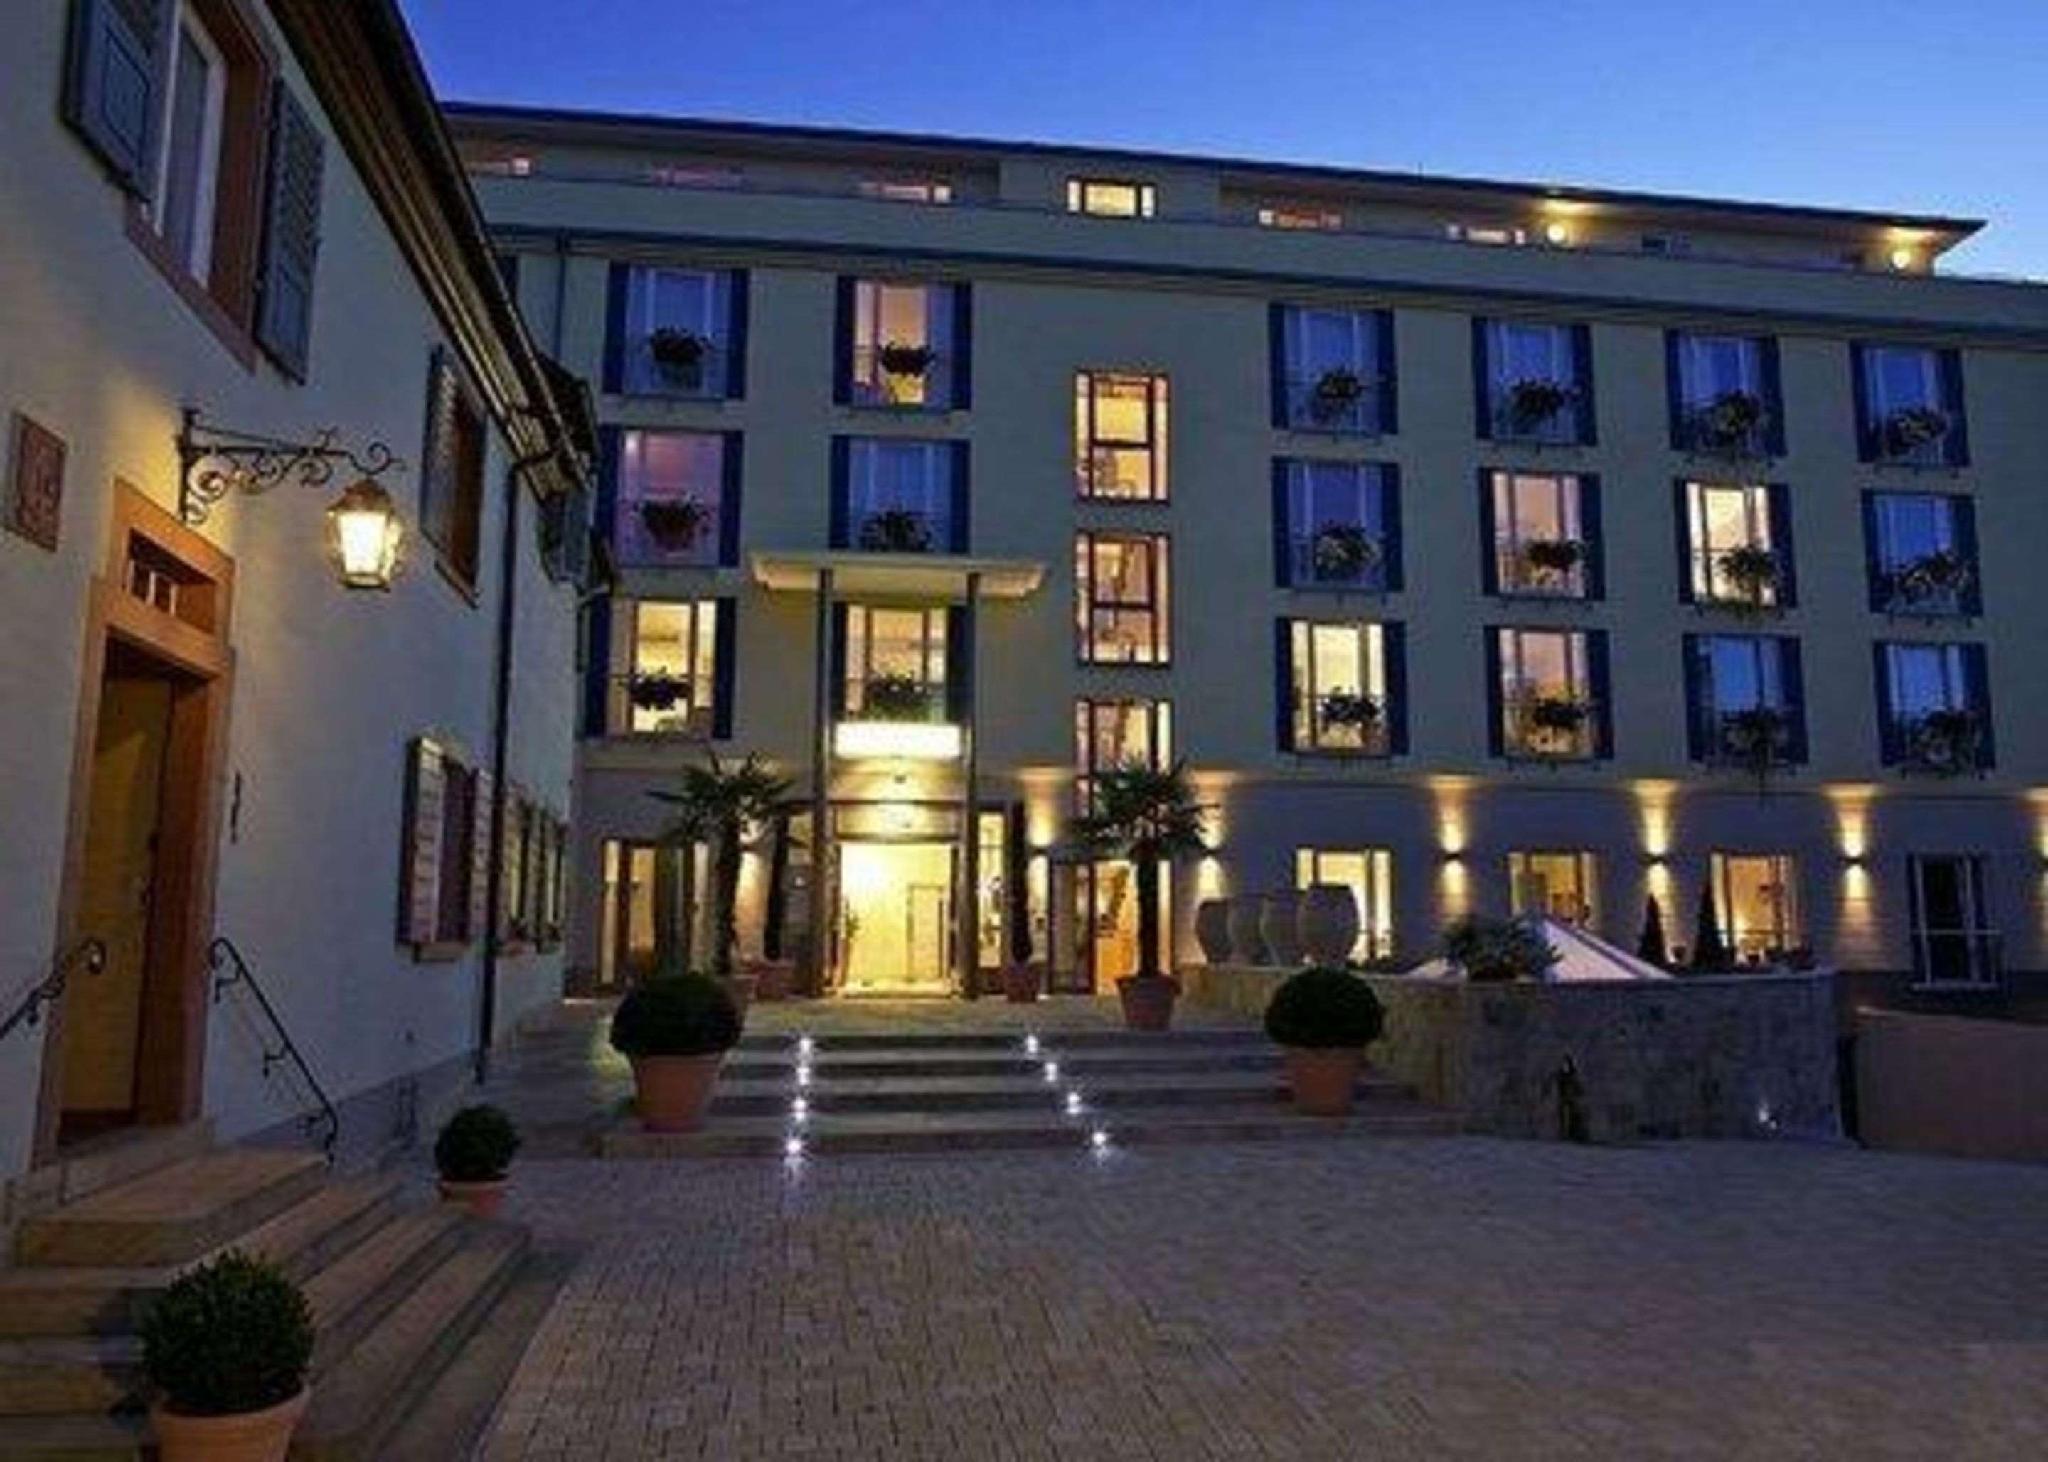 Hotel Hirschen in Freiburg-Lehen, an Ascend Hotel Collection Member, Freiburg im Breisgau